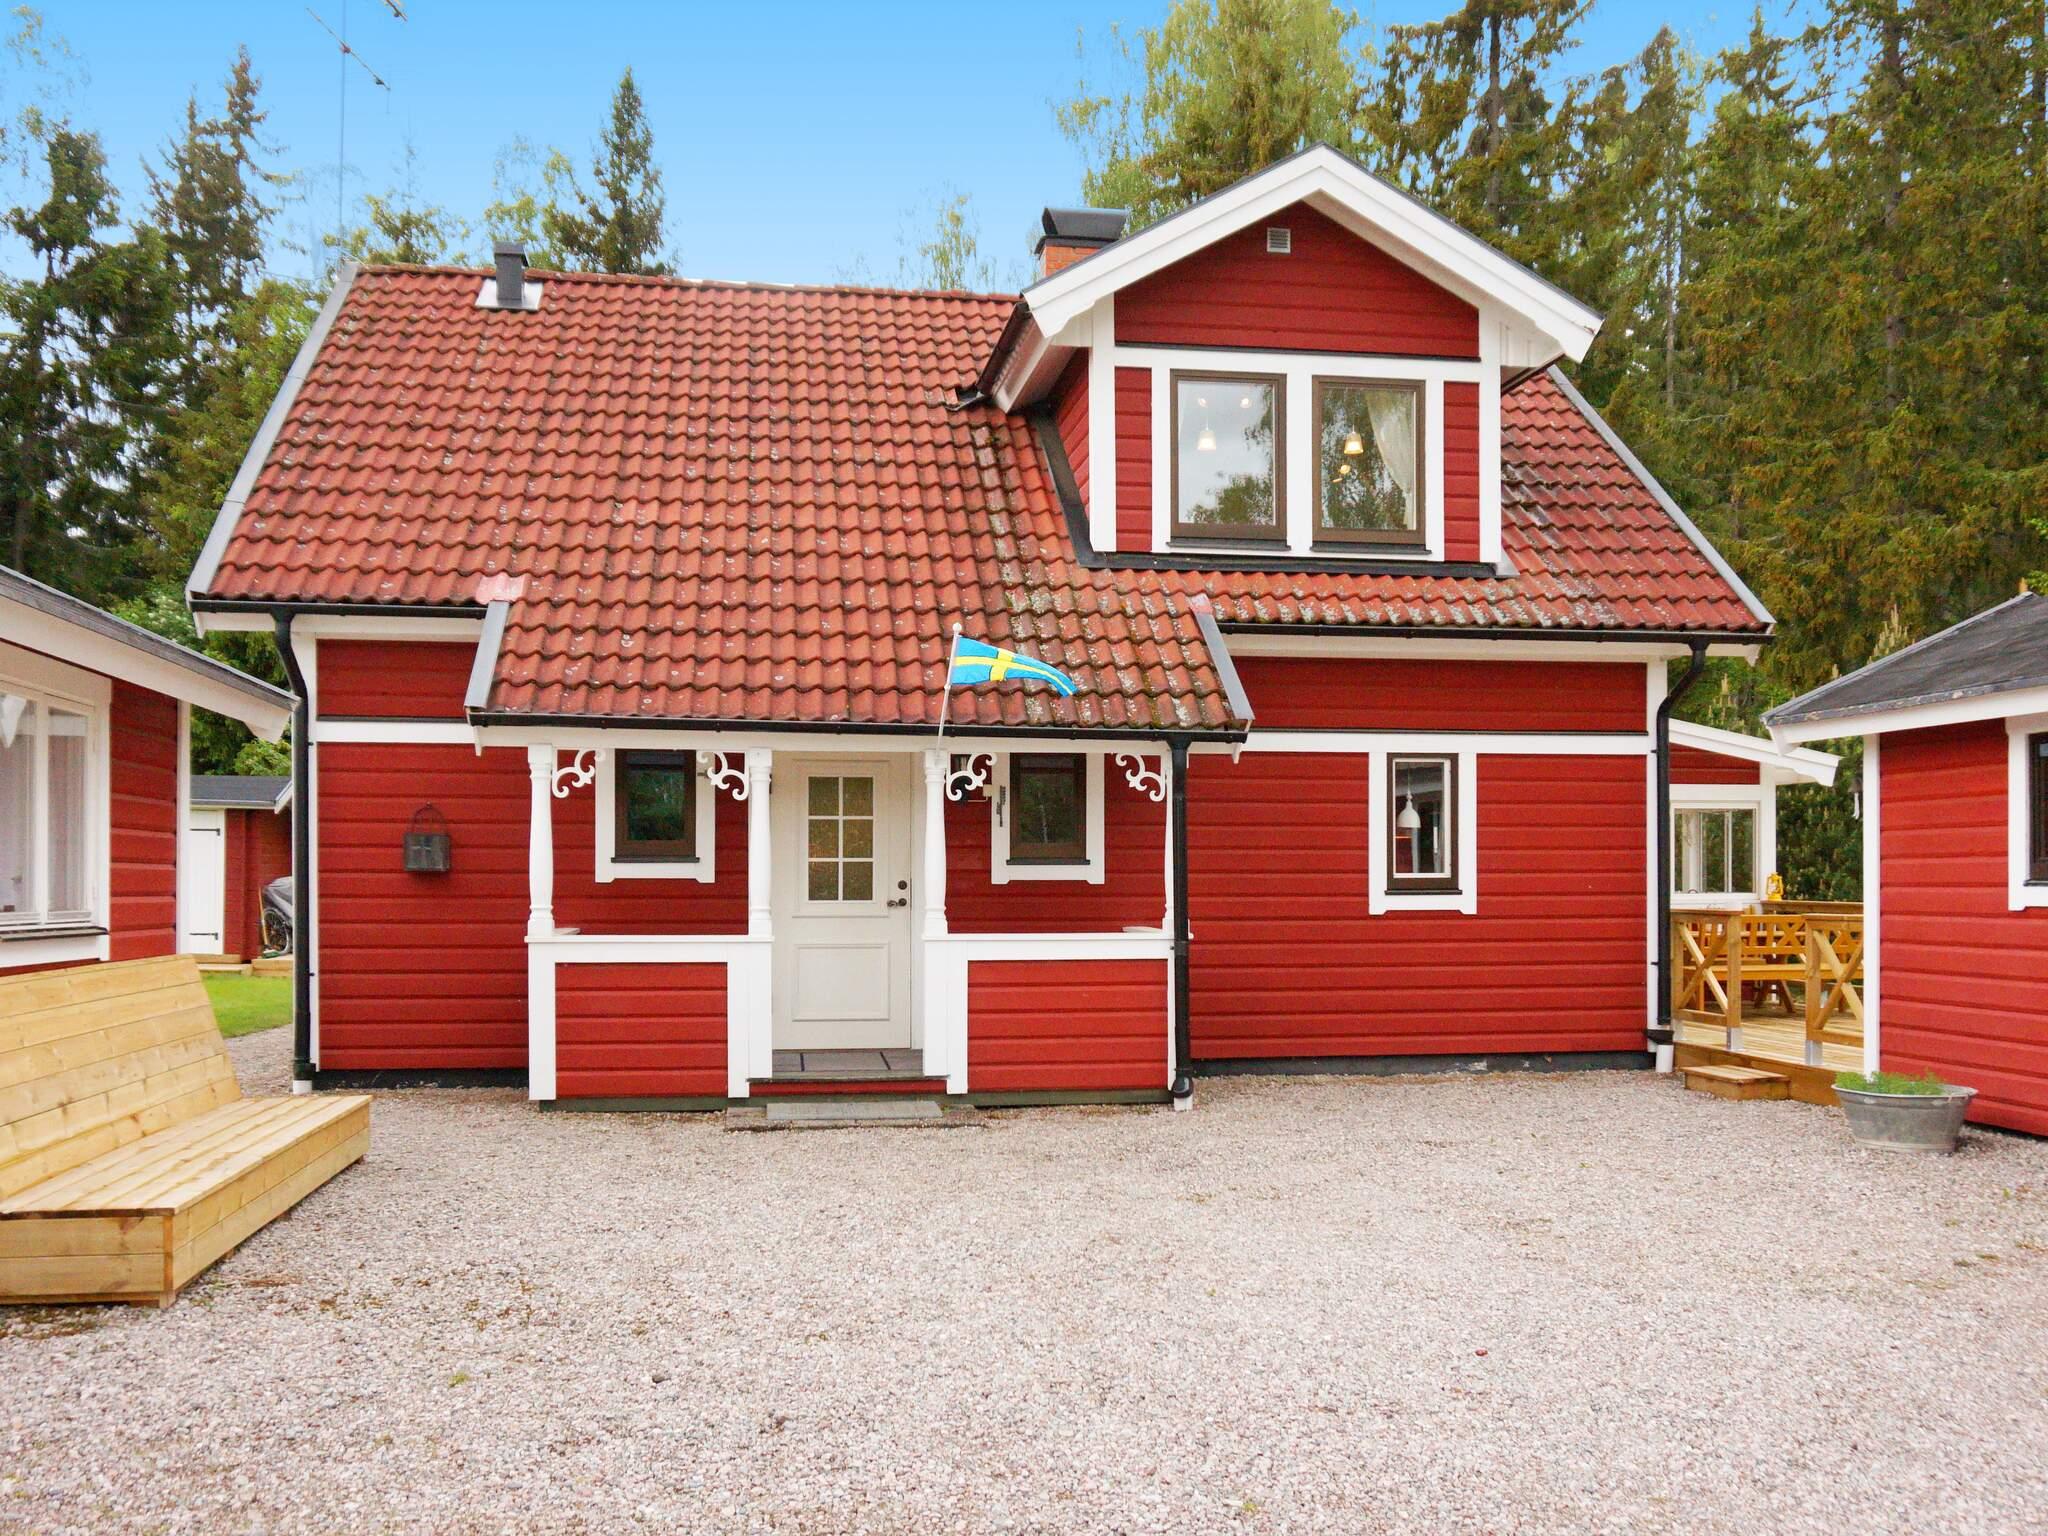 Ferienhaus Kolsva (2636835), Kolsva, Västmanlands län, Mittelschweden, Schweden, Bild 14